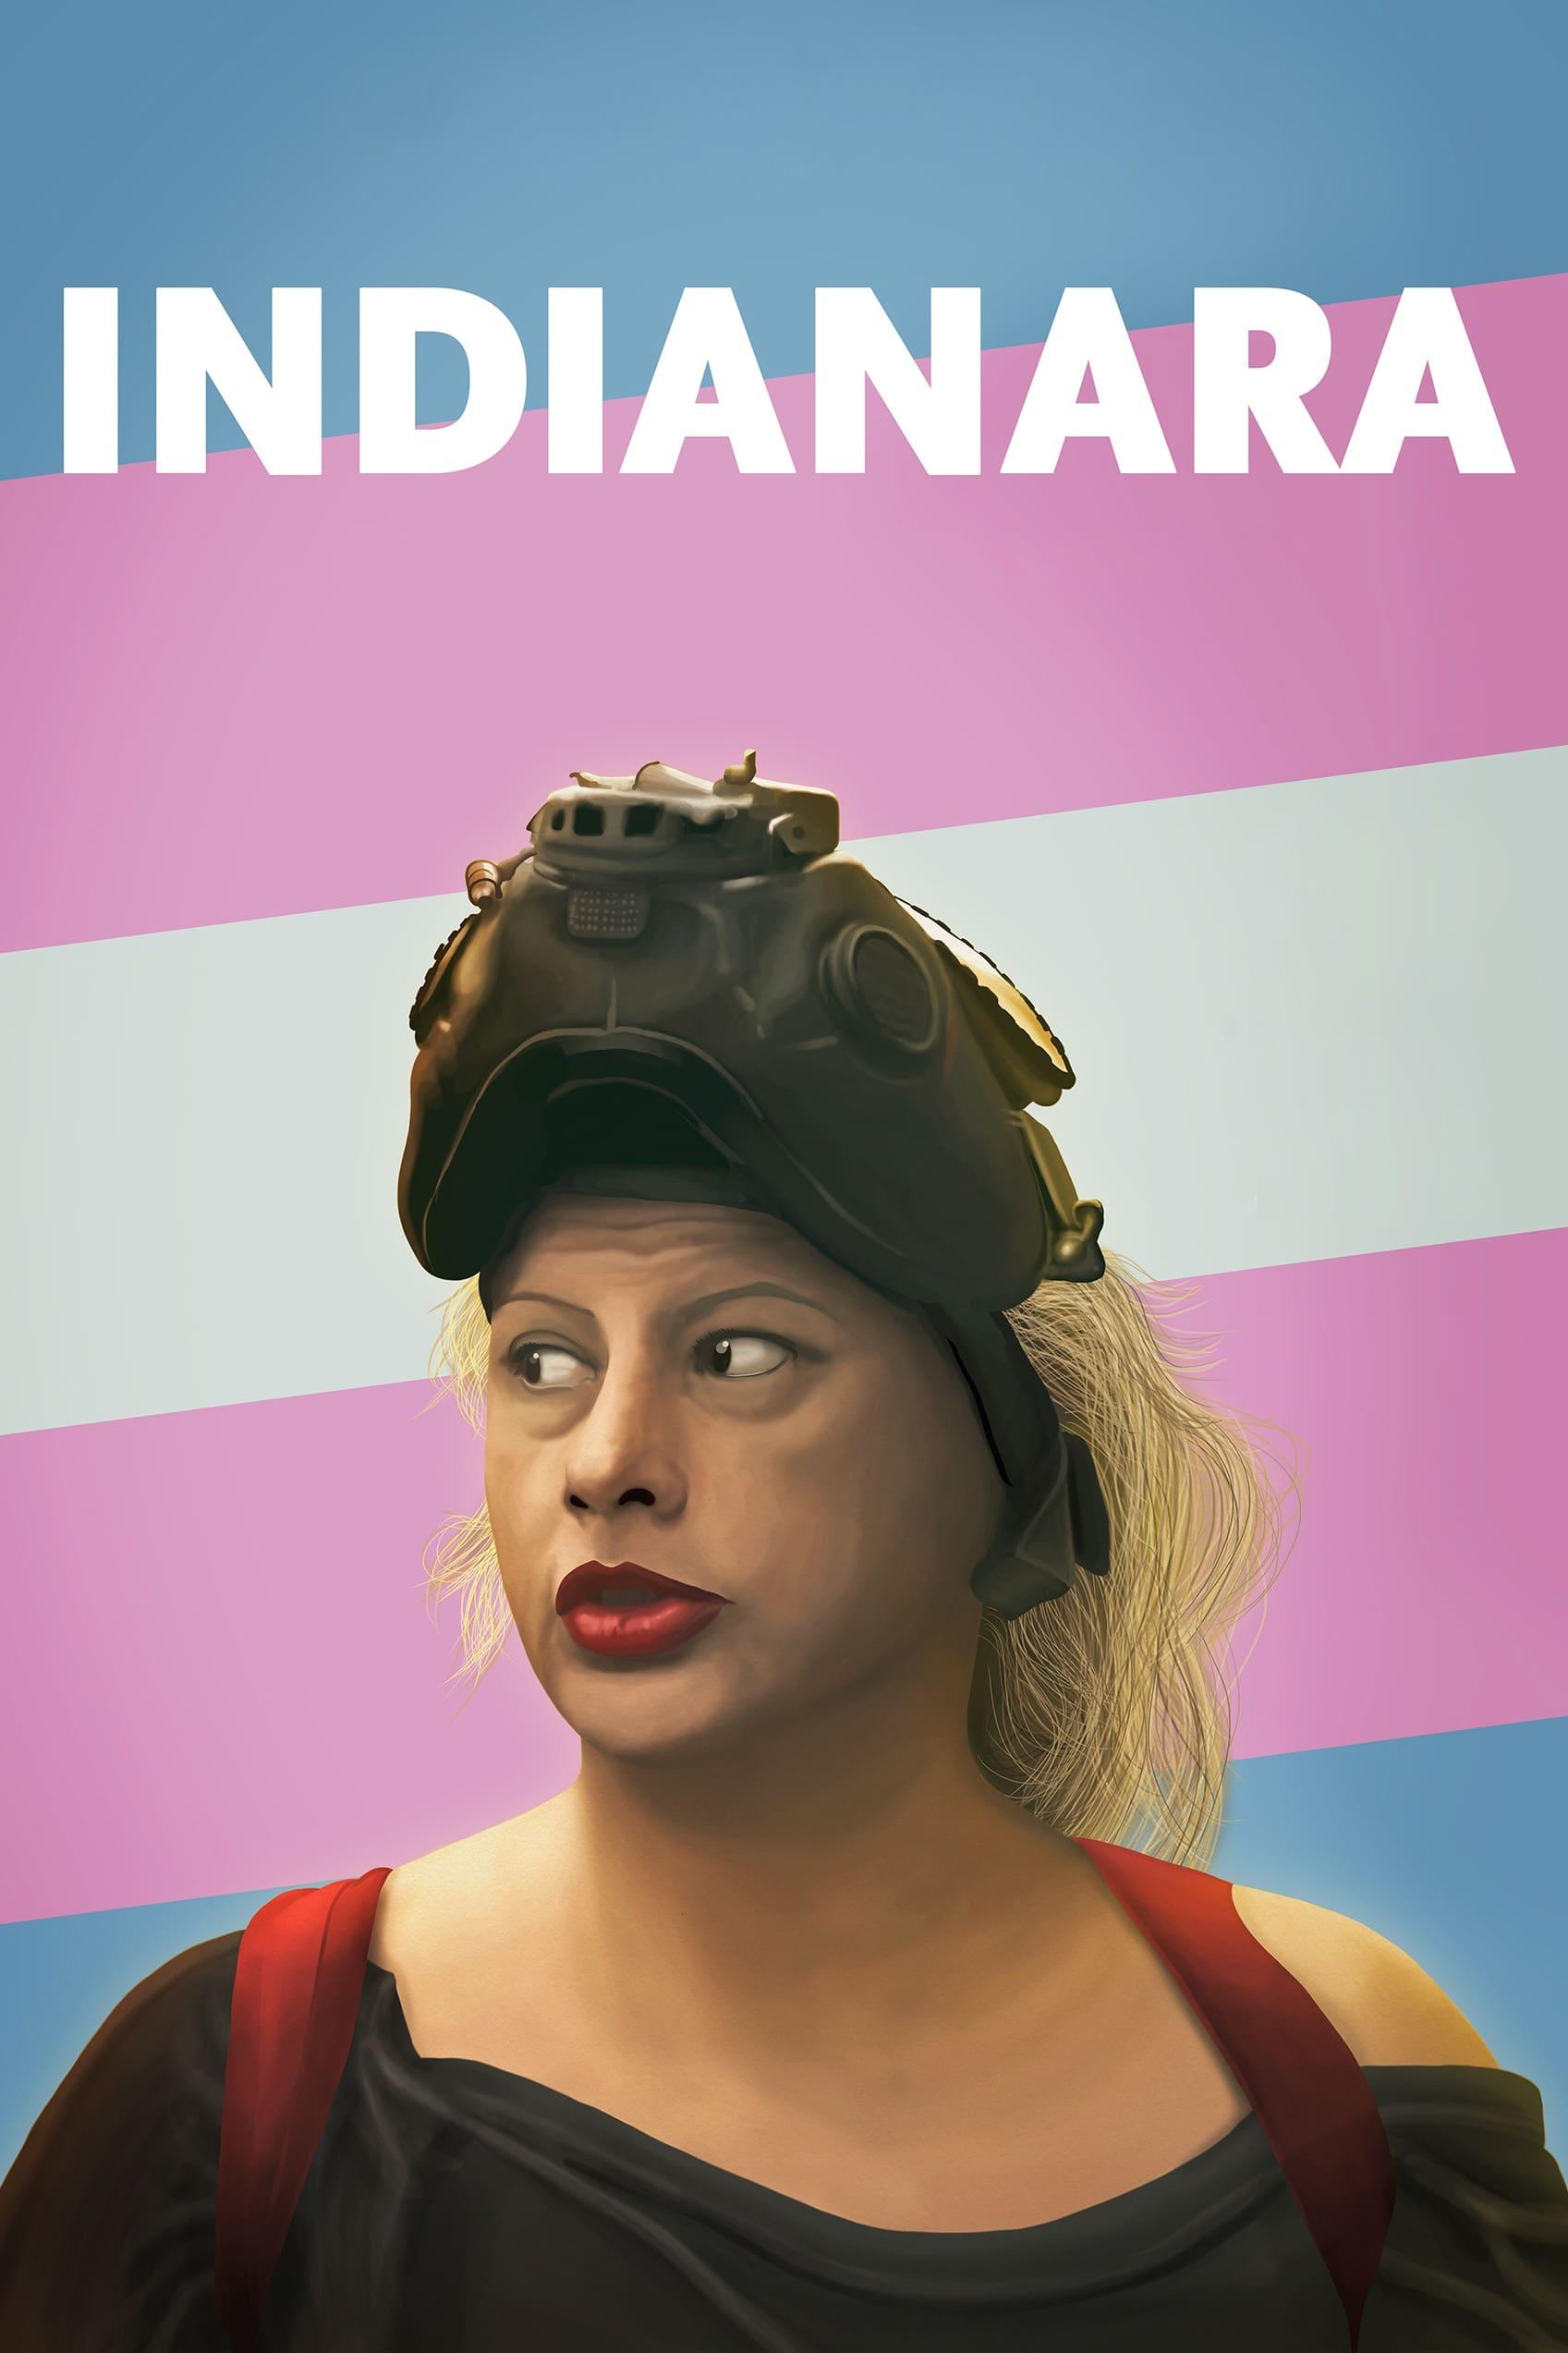 Indianara Nacional